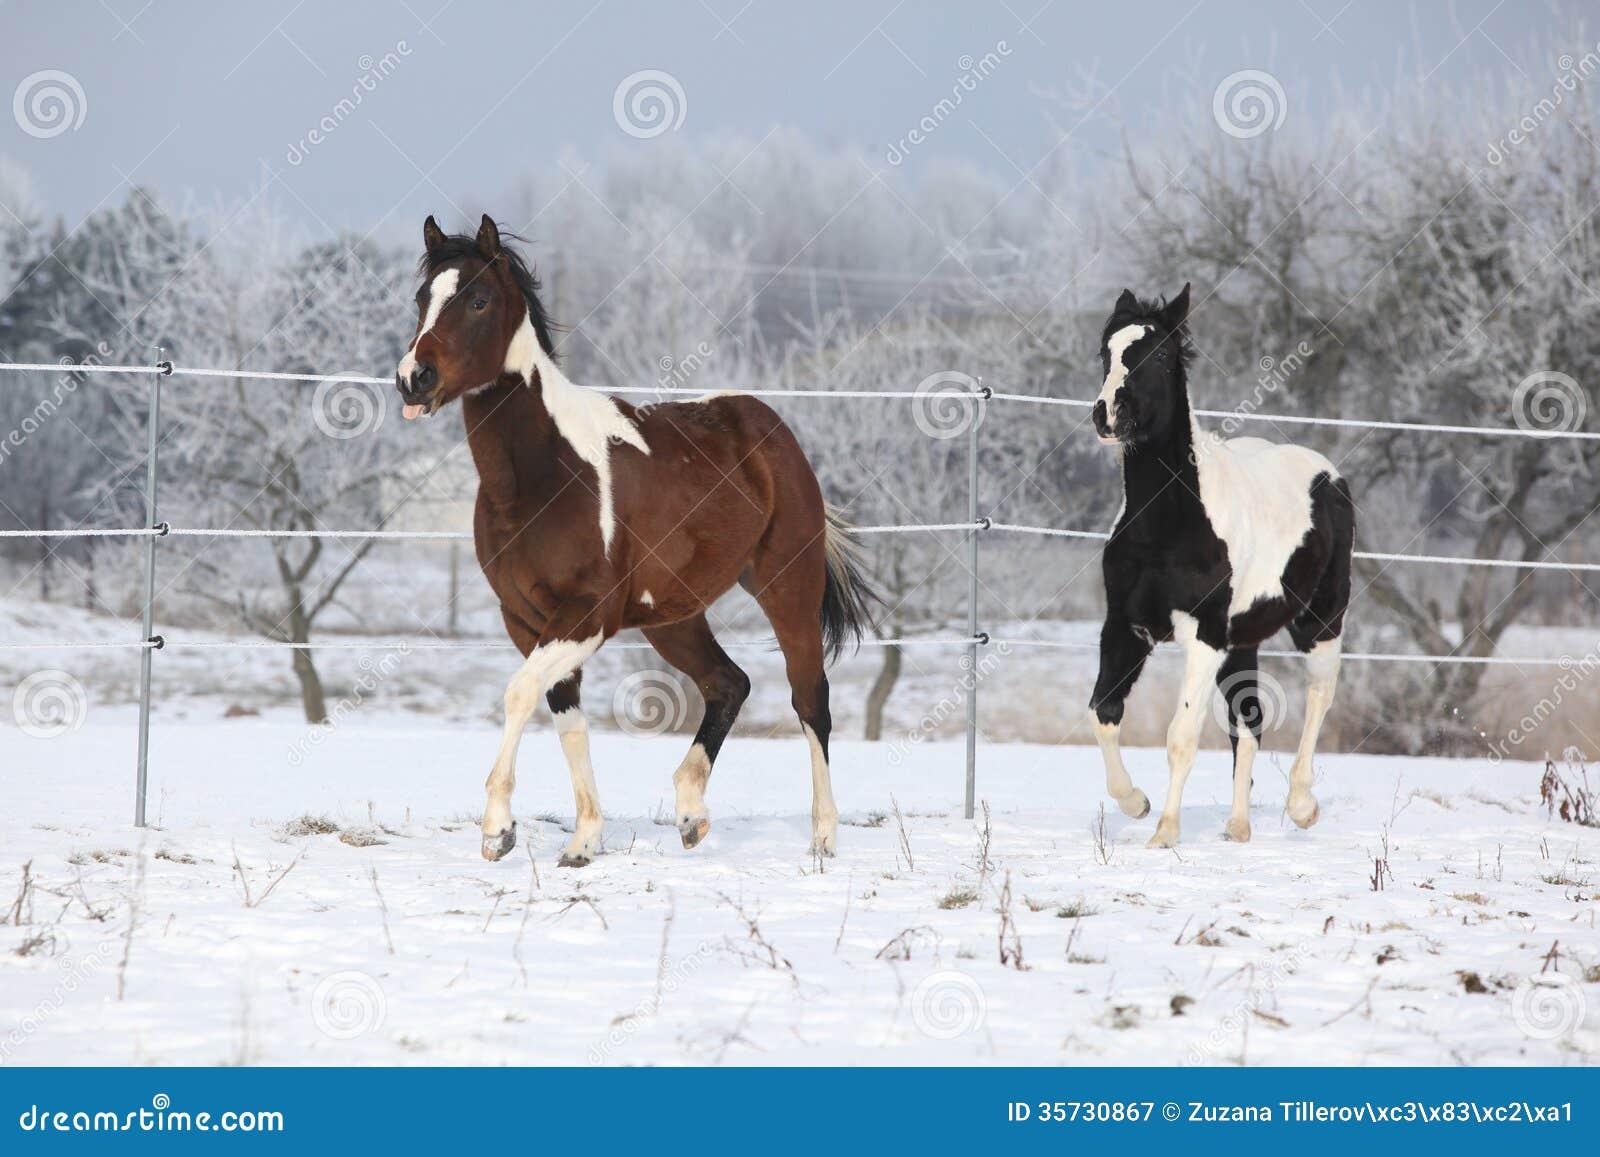 running horses wallpaper for desktop